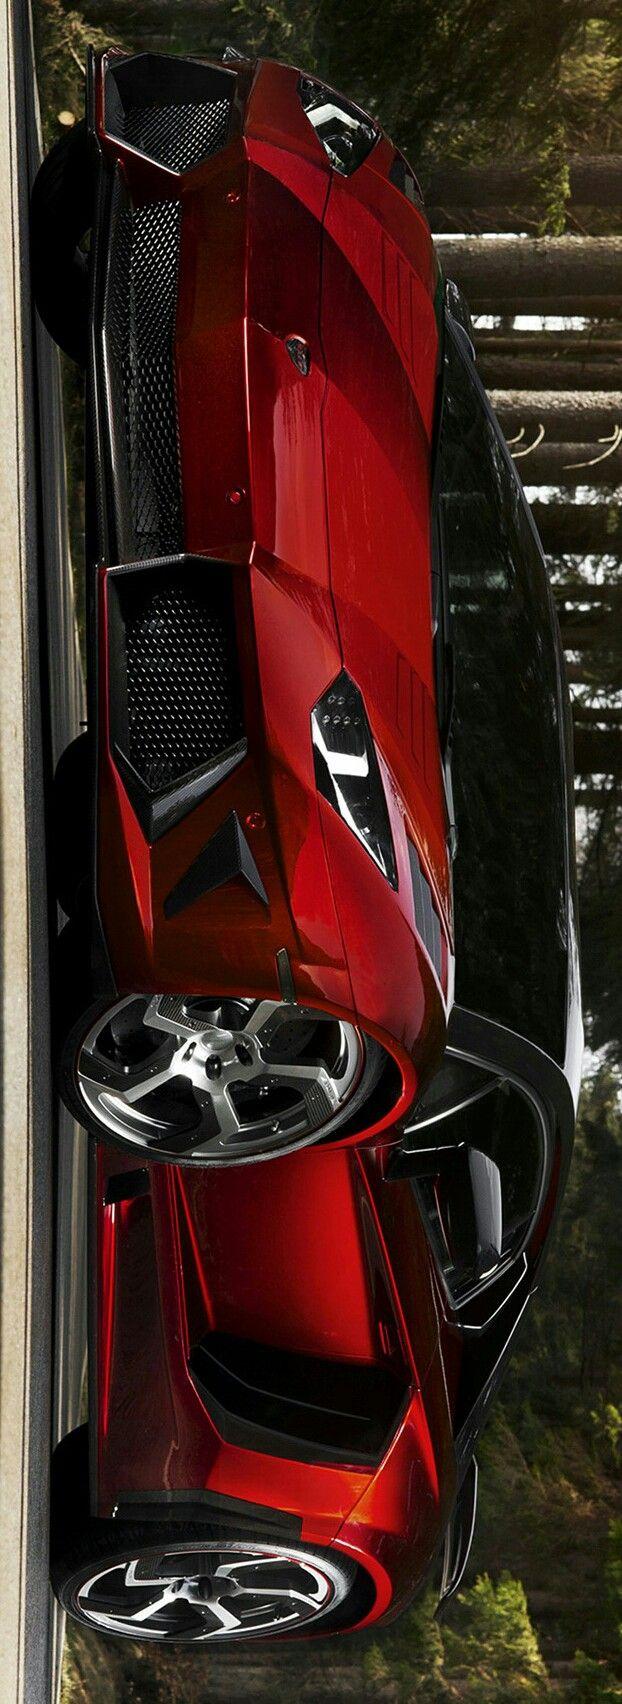 Mansory Lamborghini Aventador by Levon